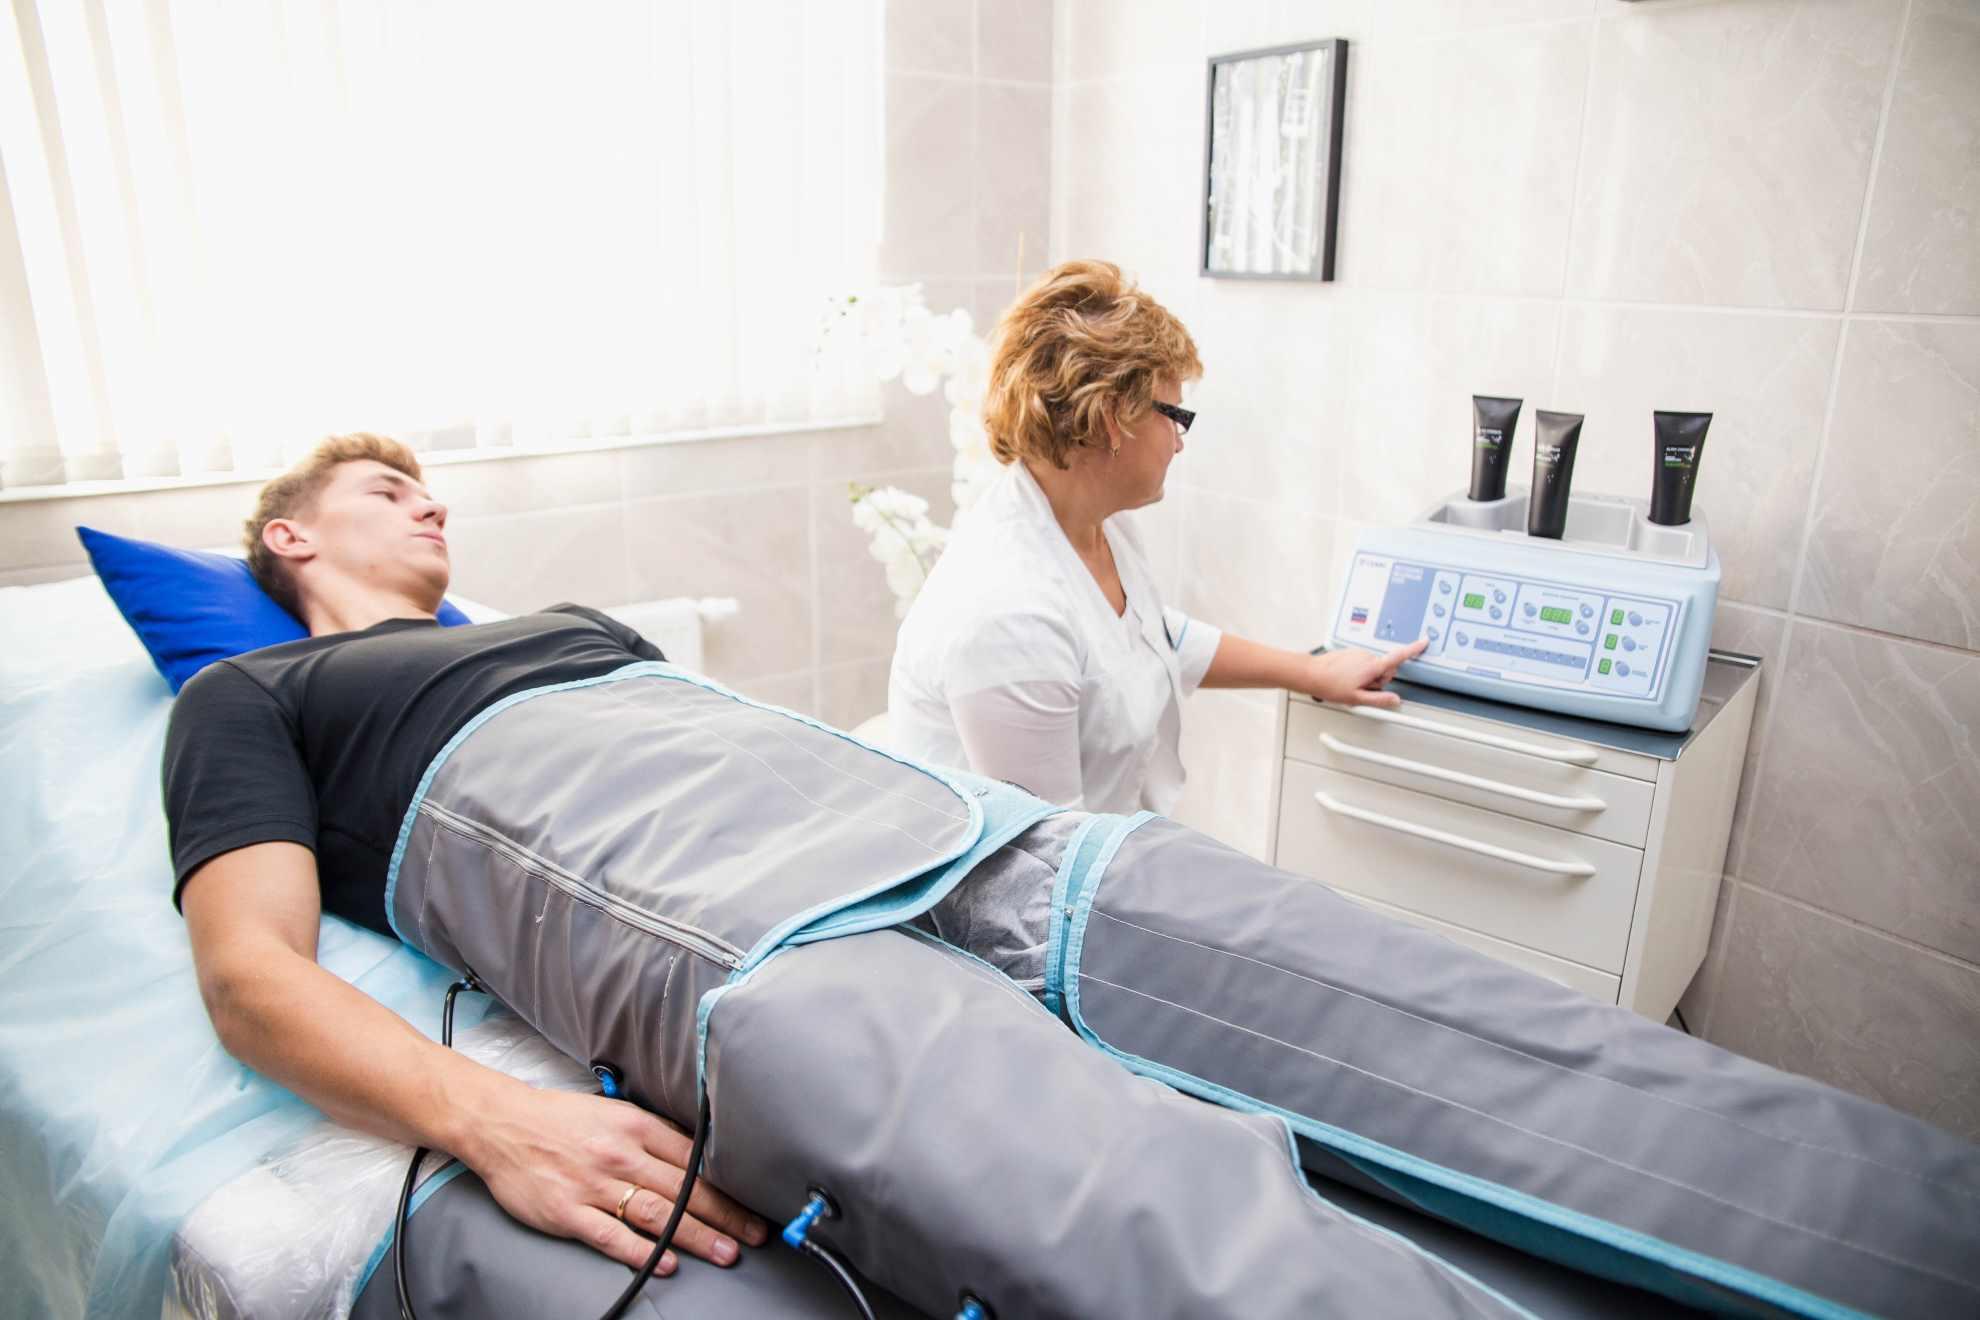 Что такое смт физиотерапия (амплипульстерапия), при лечение каких заболеваний применяется